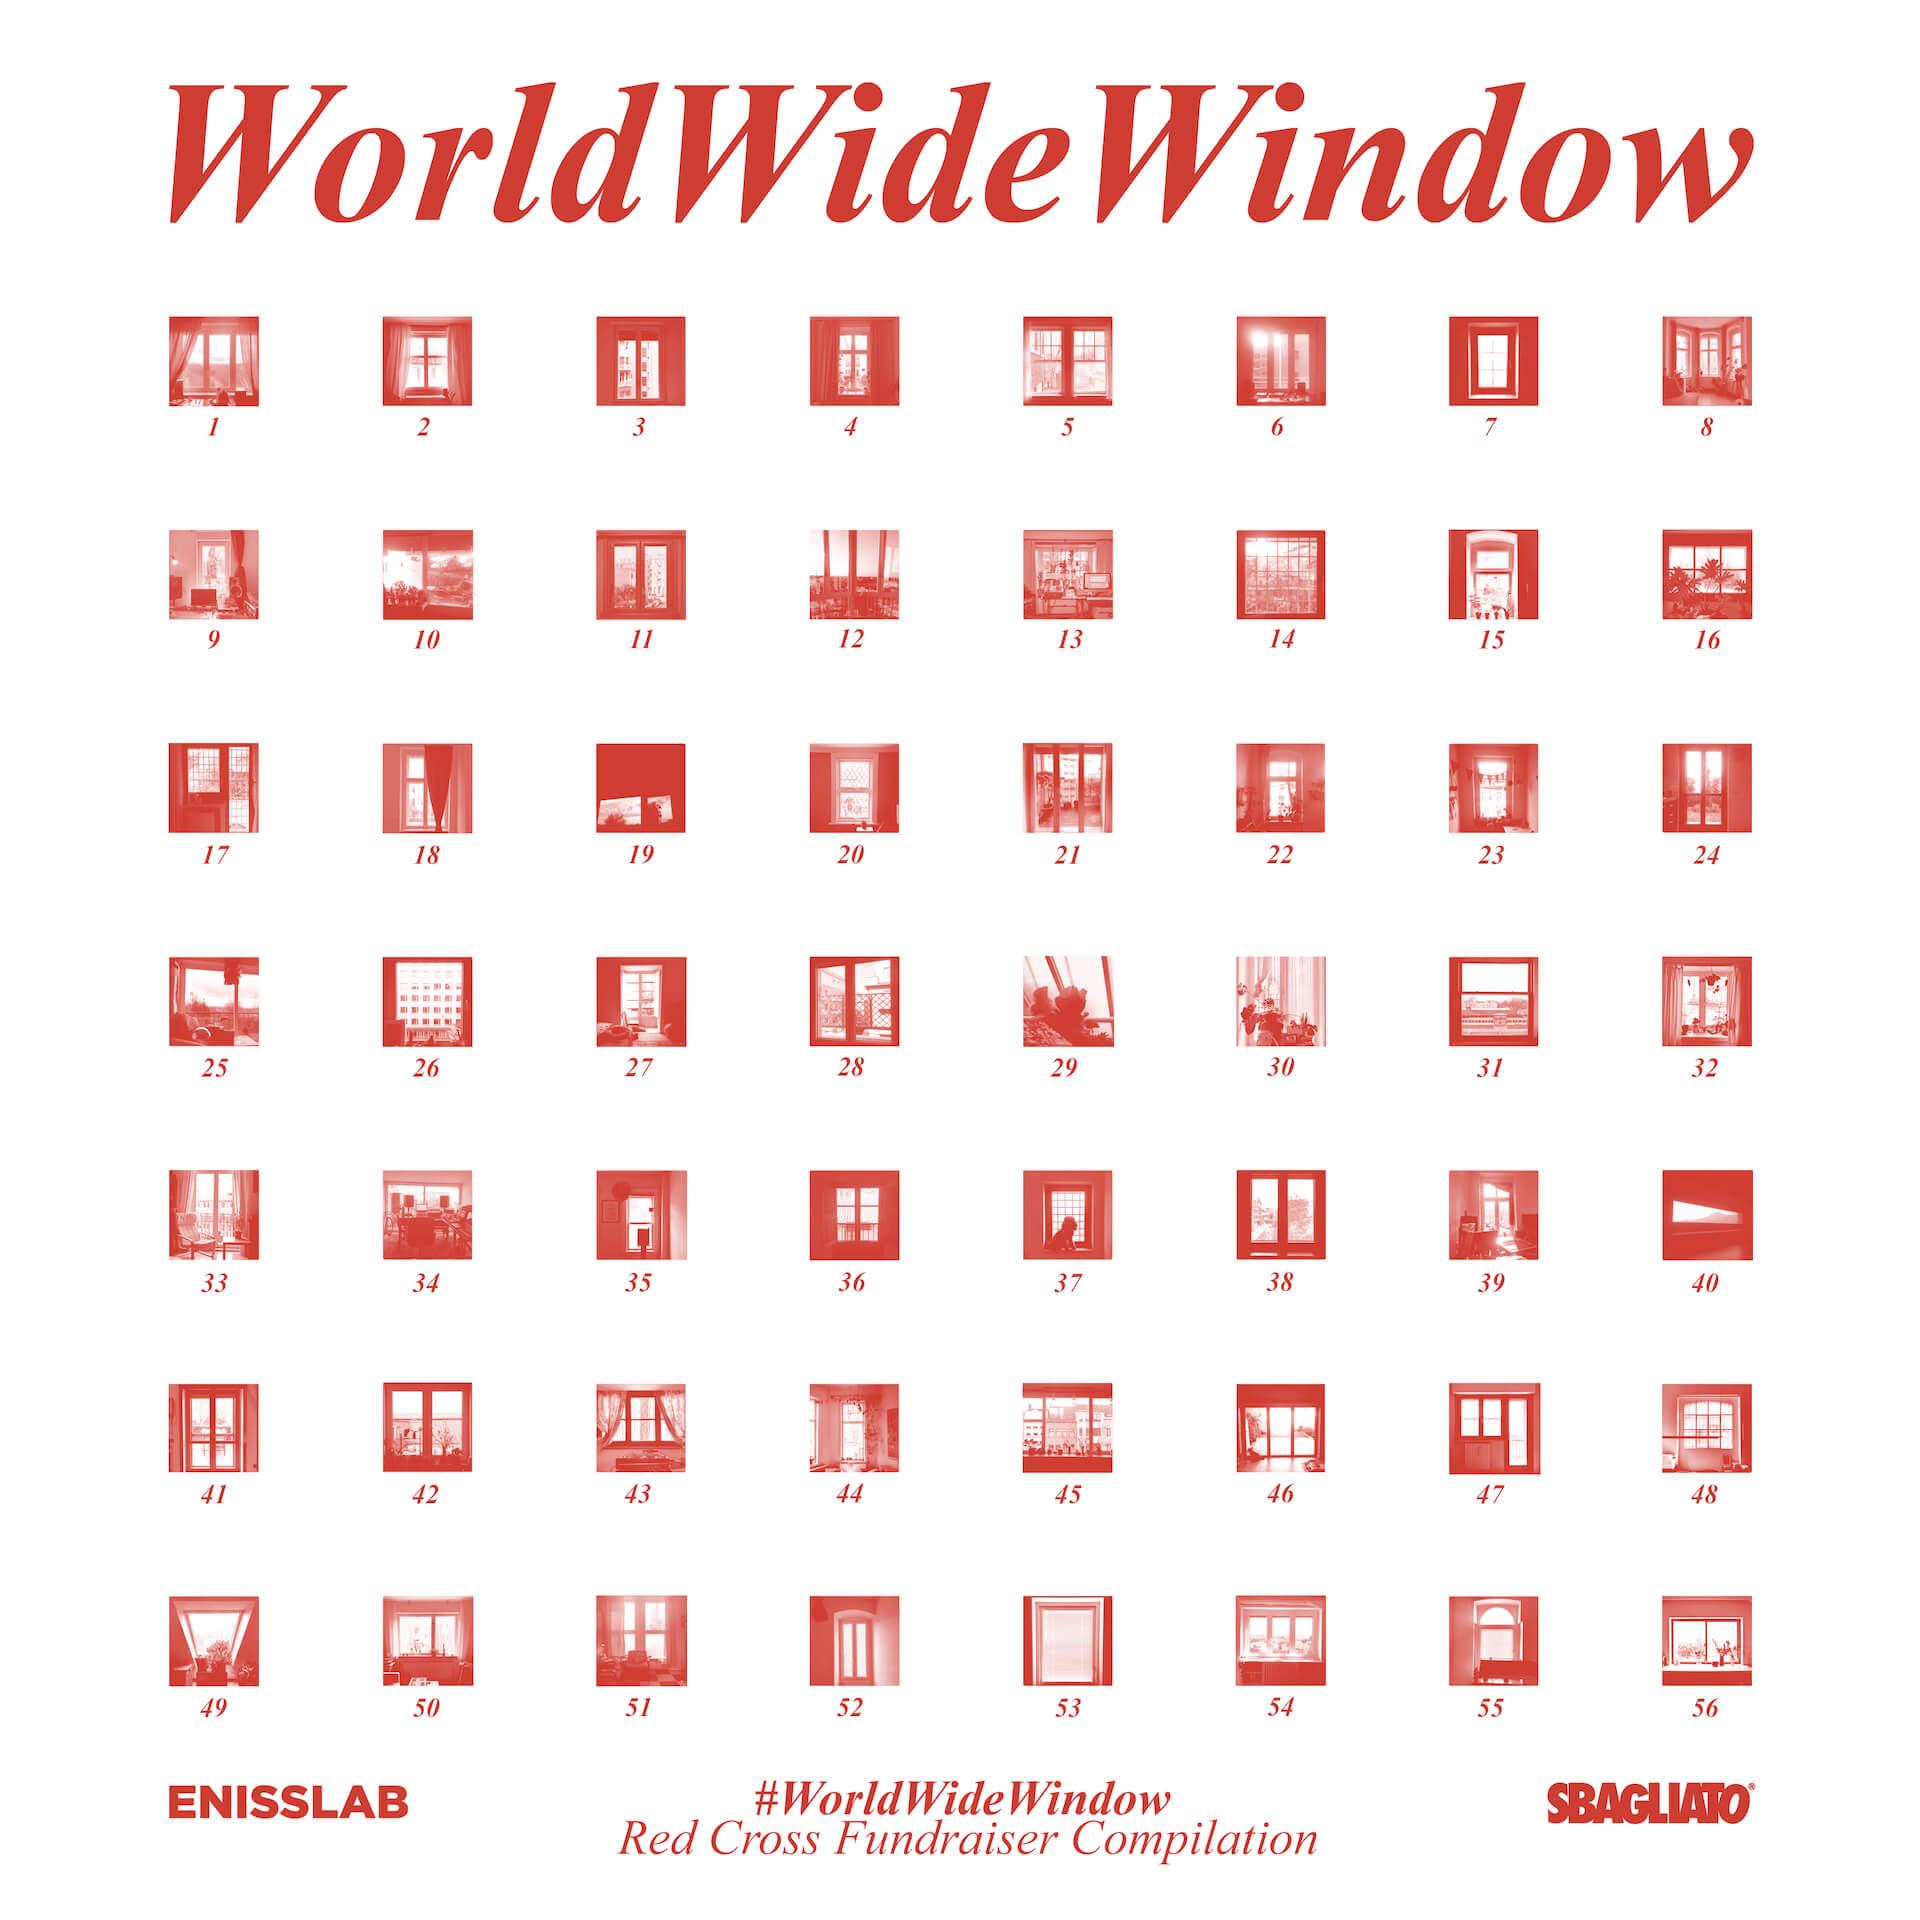 テクノ・アーティストによる新型コロナウイルス感染症に対抗するチャリティーコンピレーションプロジェクト『WorldWideWindow』が始動 music200410_worldwidewindow_1